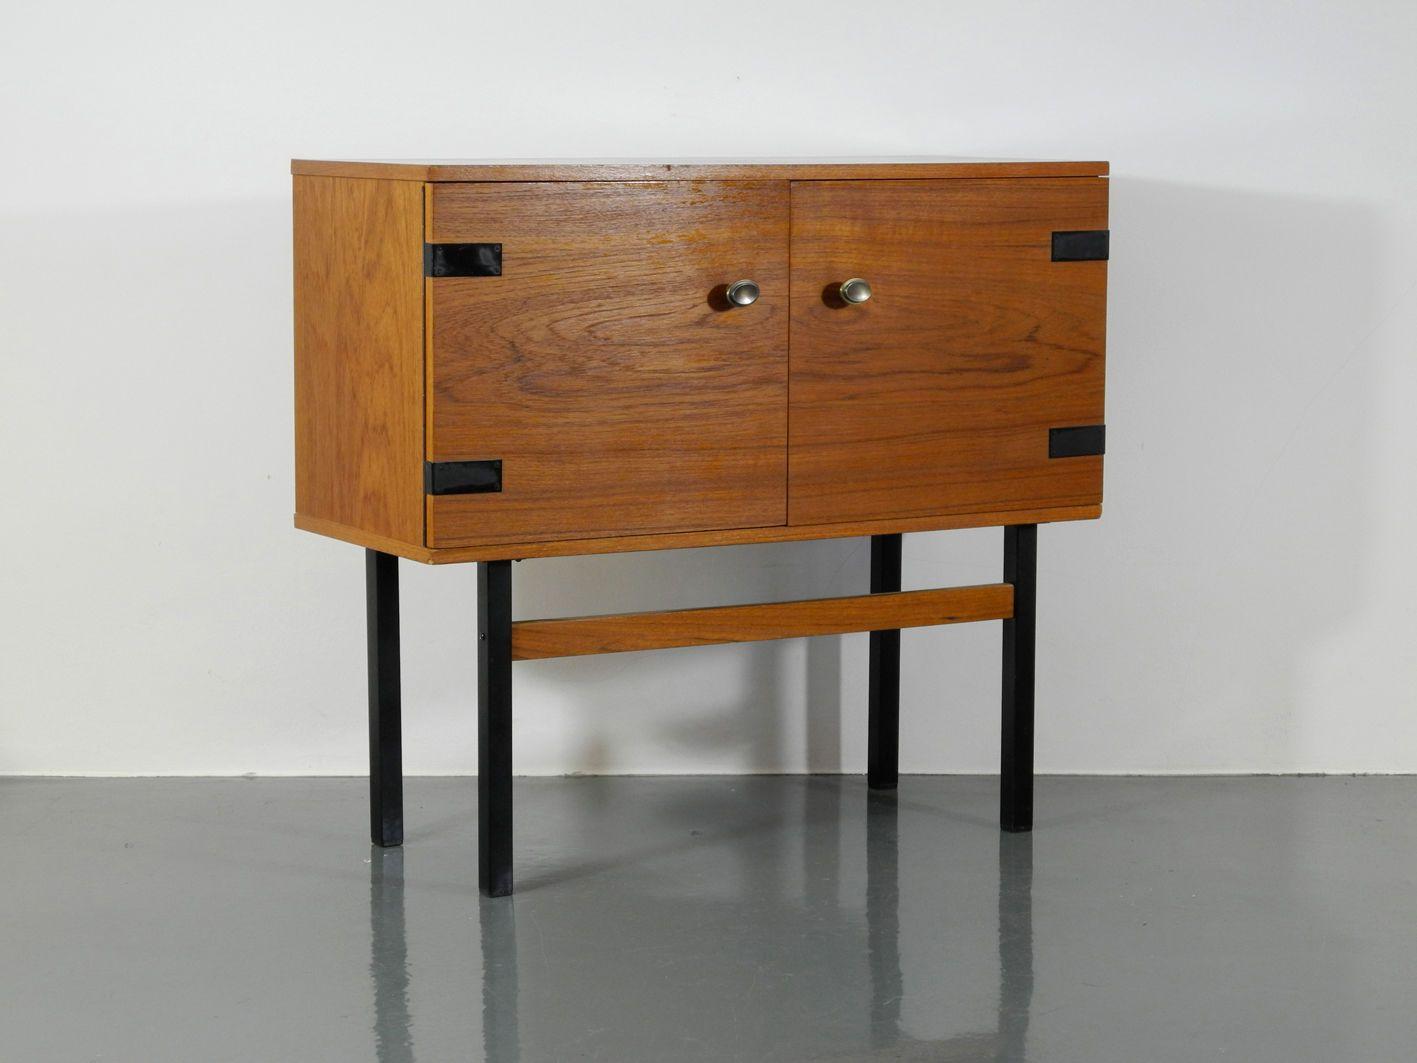 Traumhaft Schoner 60er Jahre Xs Vintage Teak Sideboard Fraisr Com Sideboard Teak Furniture